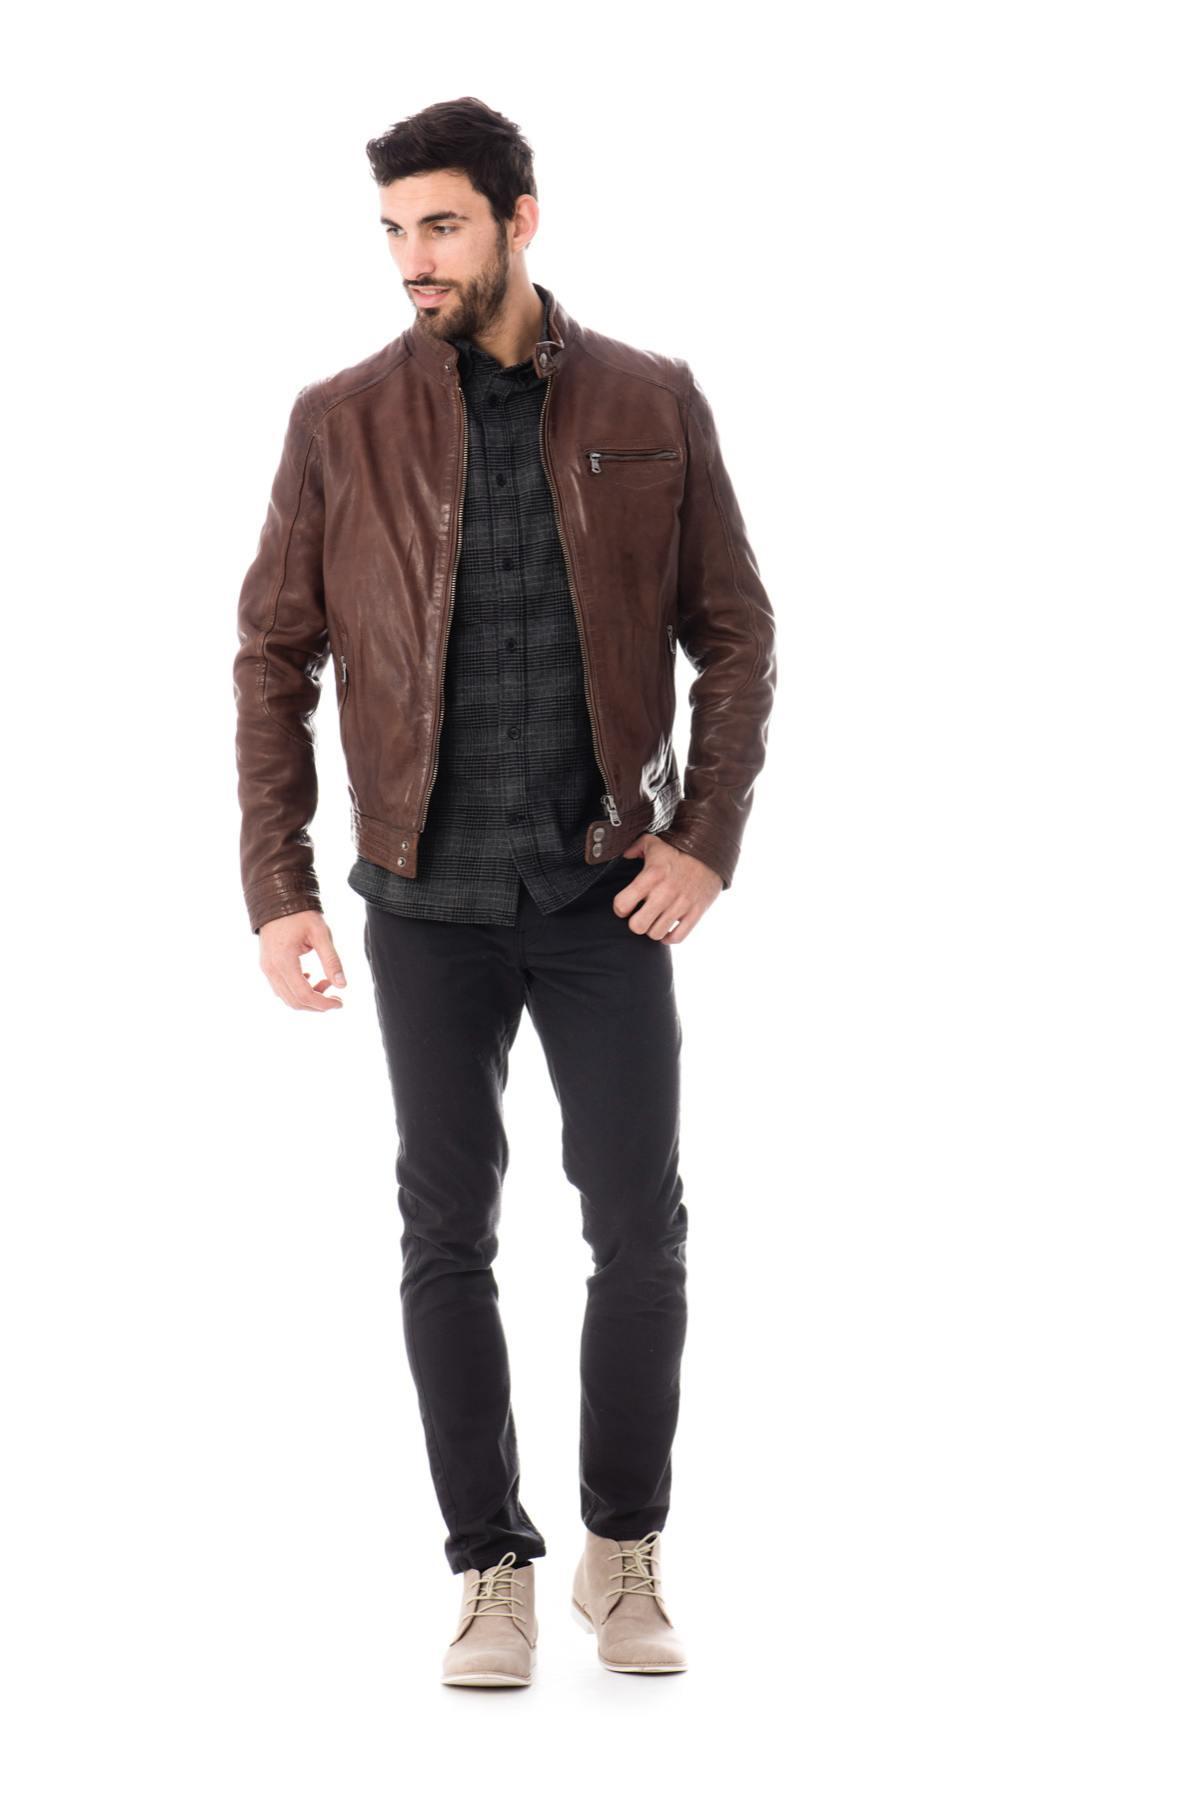 buy online a6265 5b831 big Blouson-Daytona-Blouson-en-cuir-Daytona-pour-Homme -Bison-file-583dacb918f85.jpg